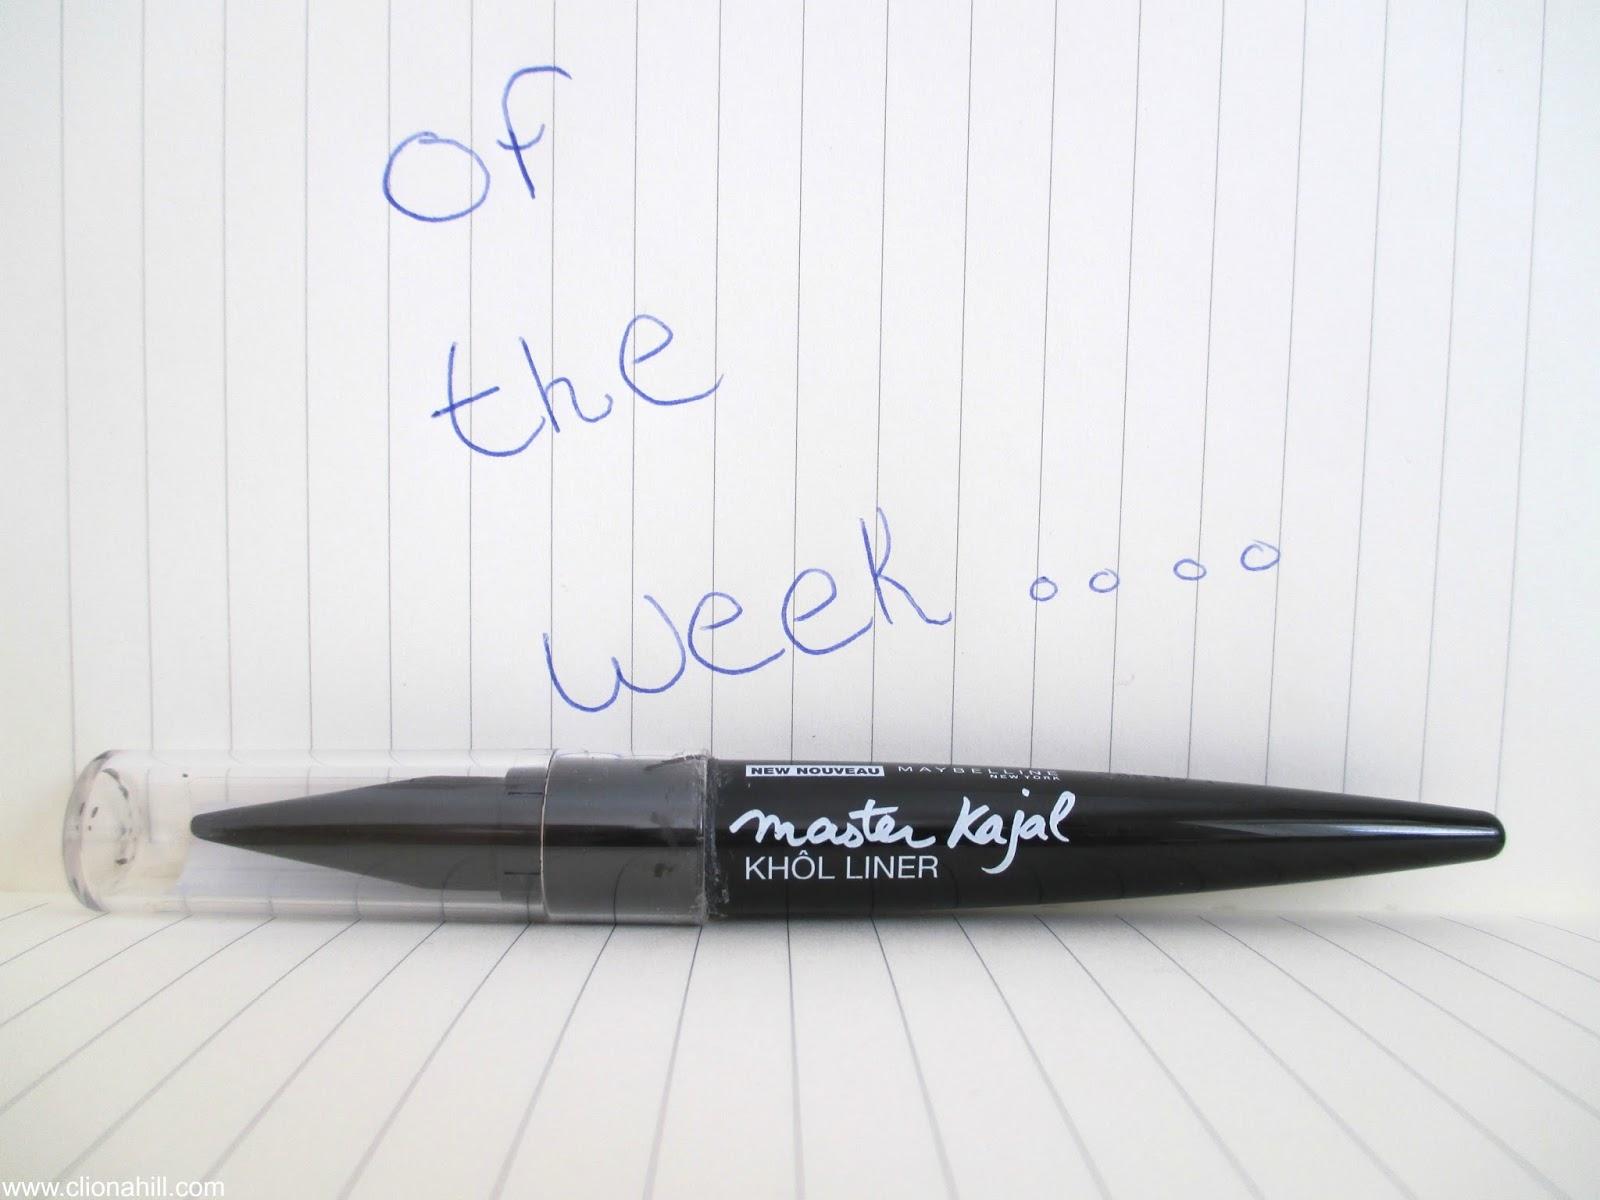 Maybelline master kajal liner review